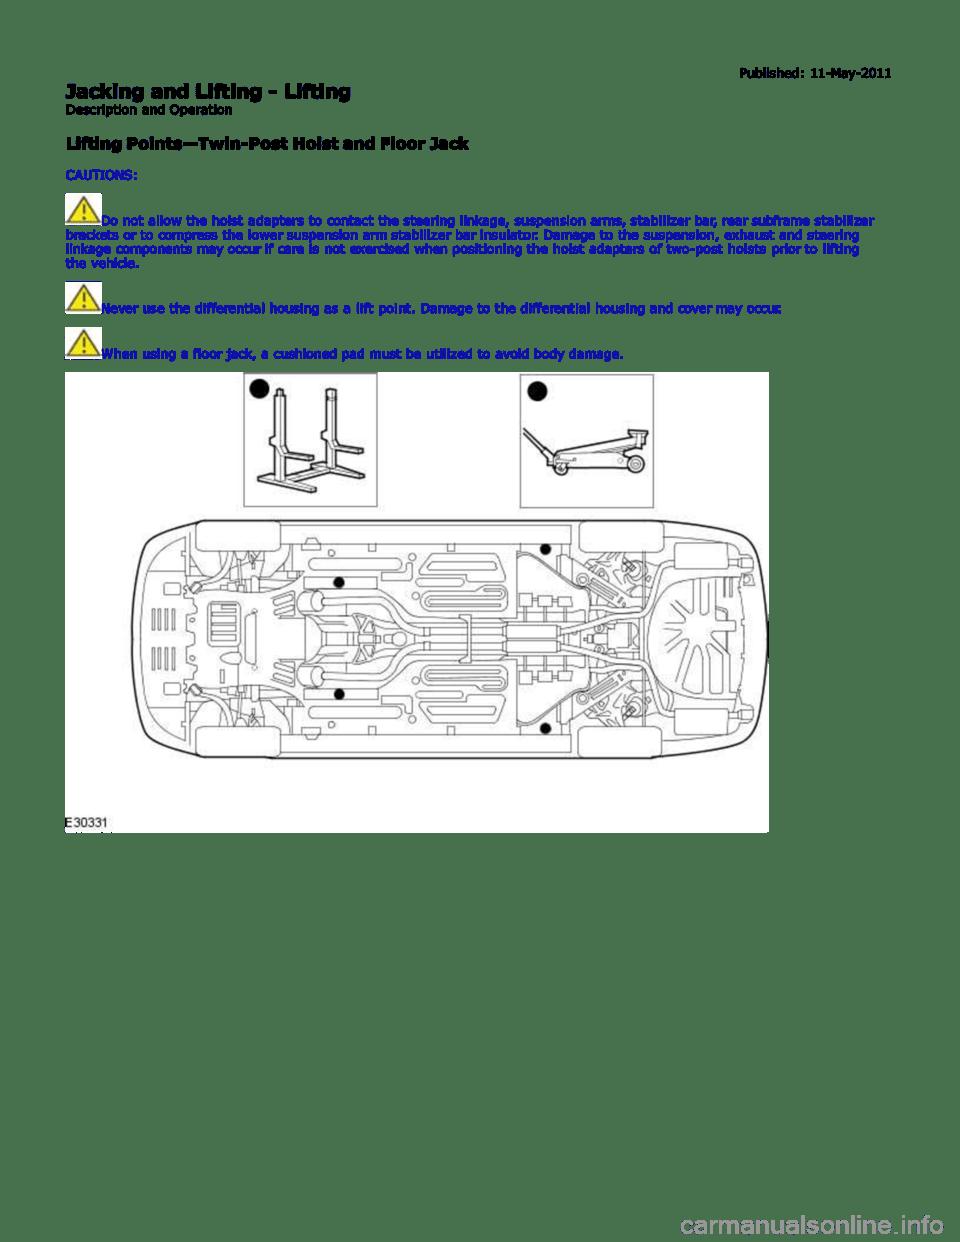 JAGUAR XFR 2010 1.G Workshop Manual